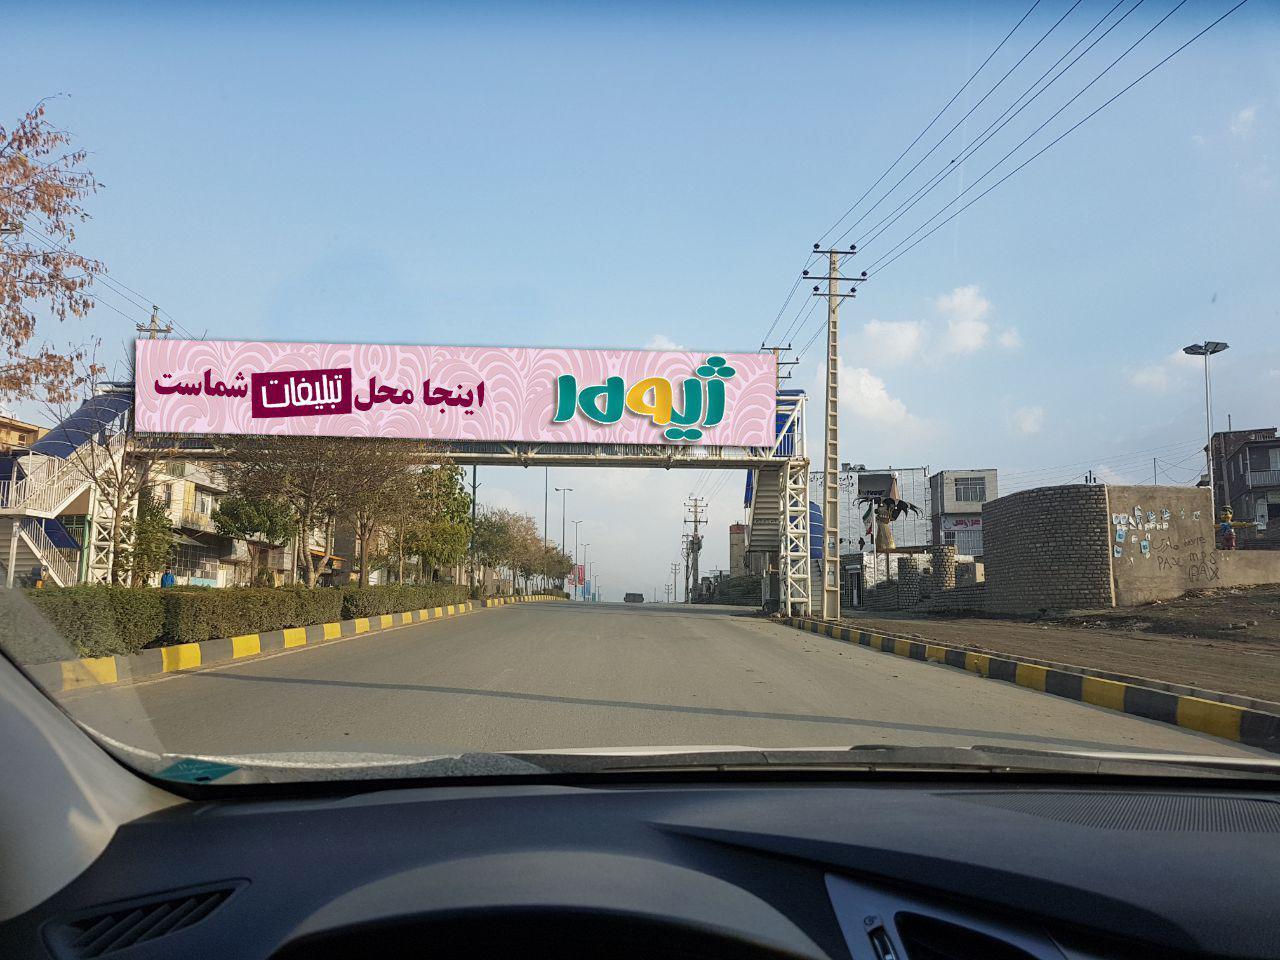 بیلبورد تبلیغاتی محور سنندج همدان ، پل عابر پیاده روستای گنجی